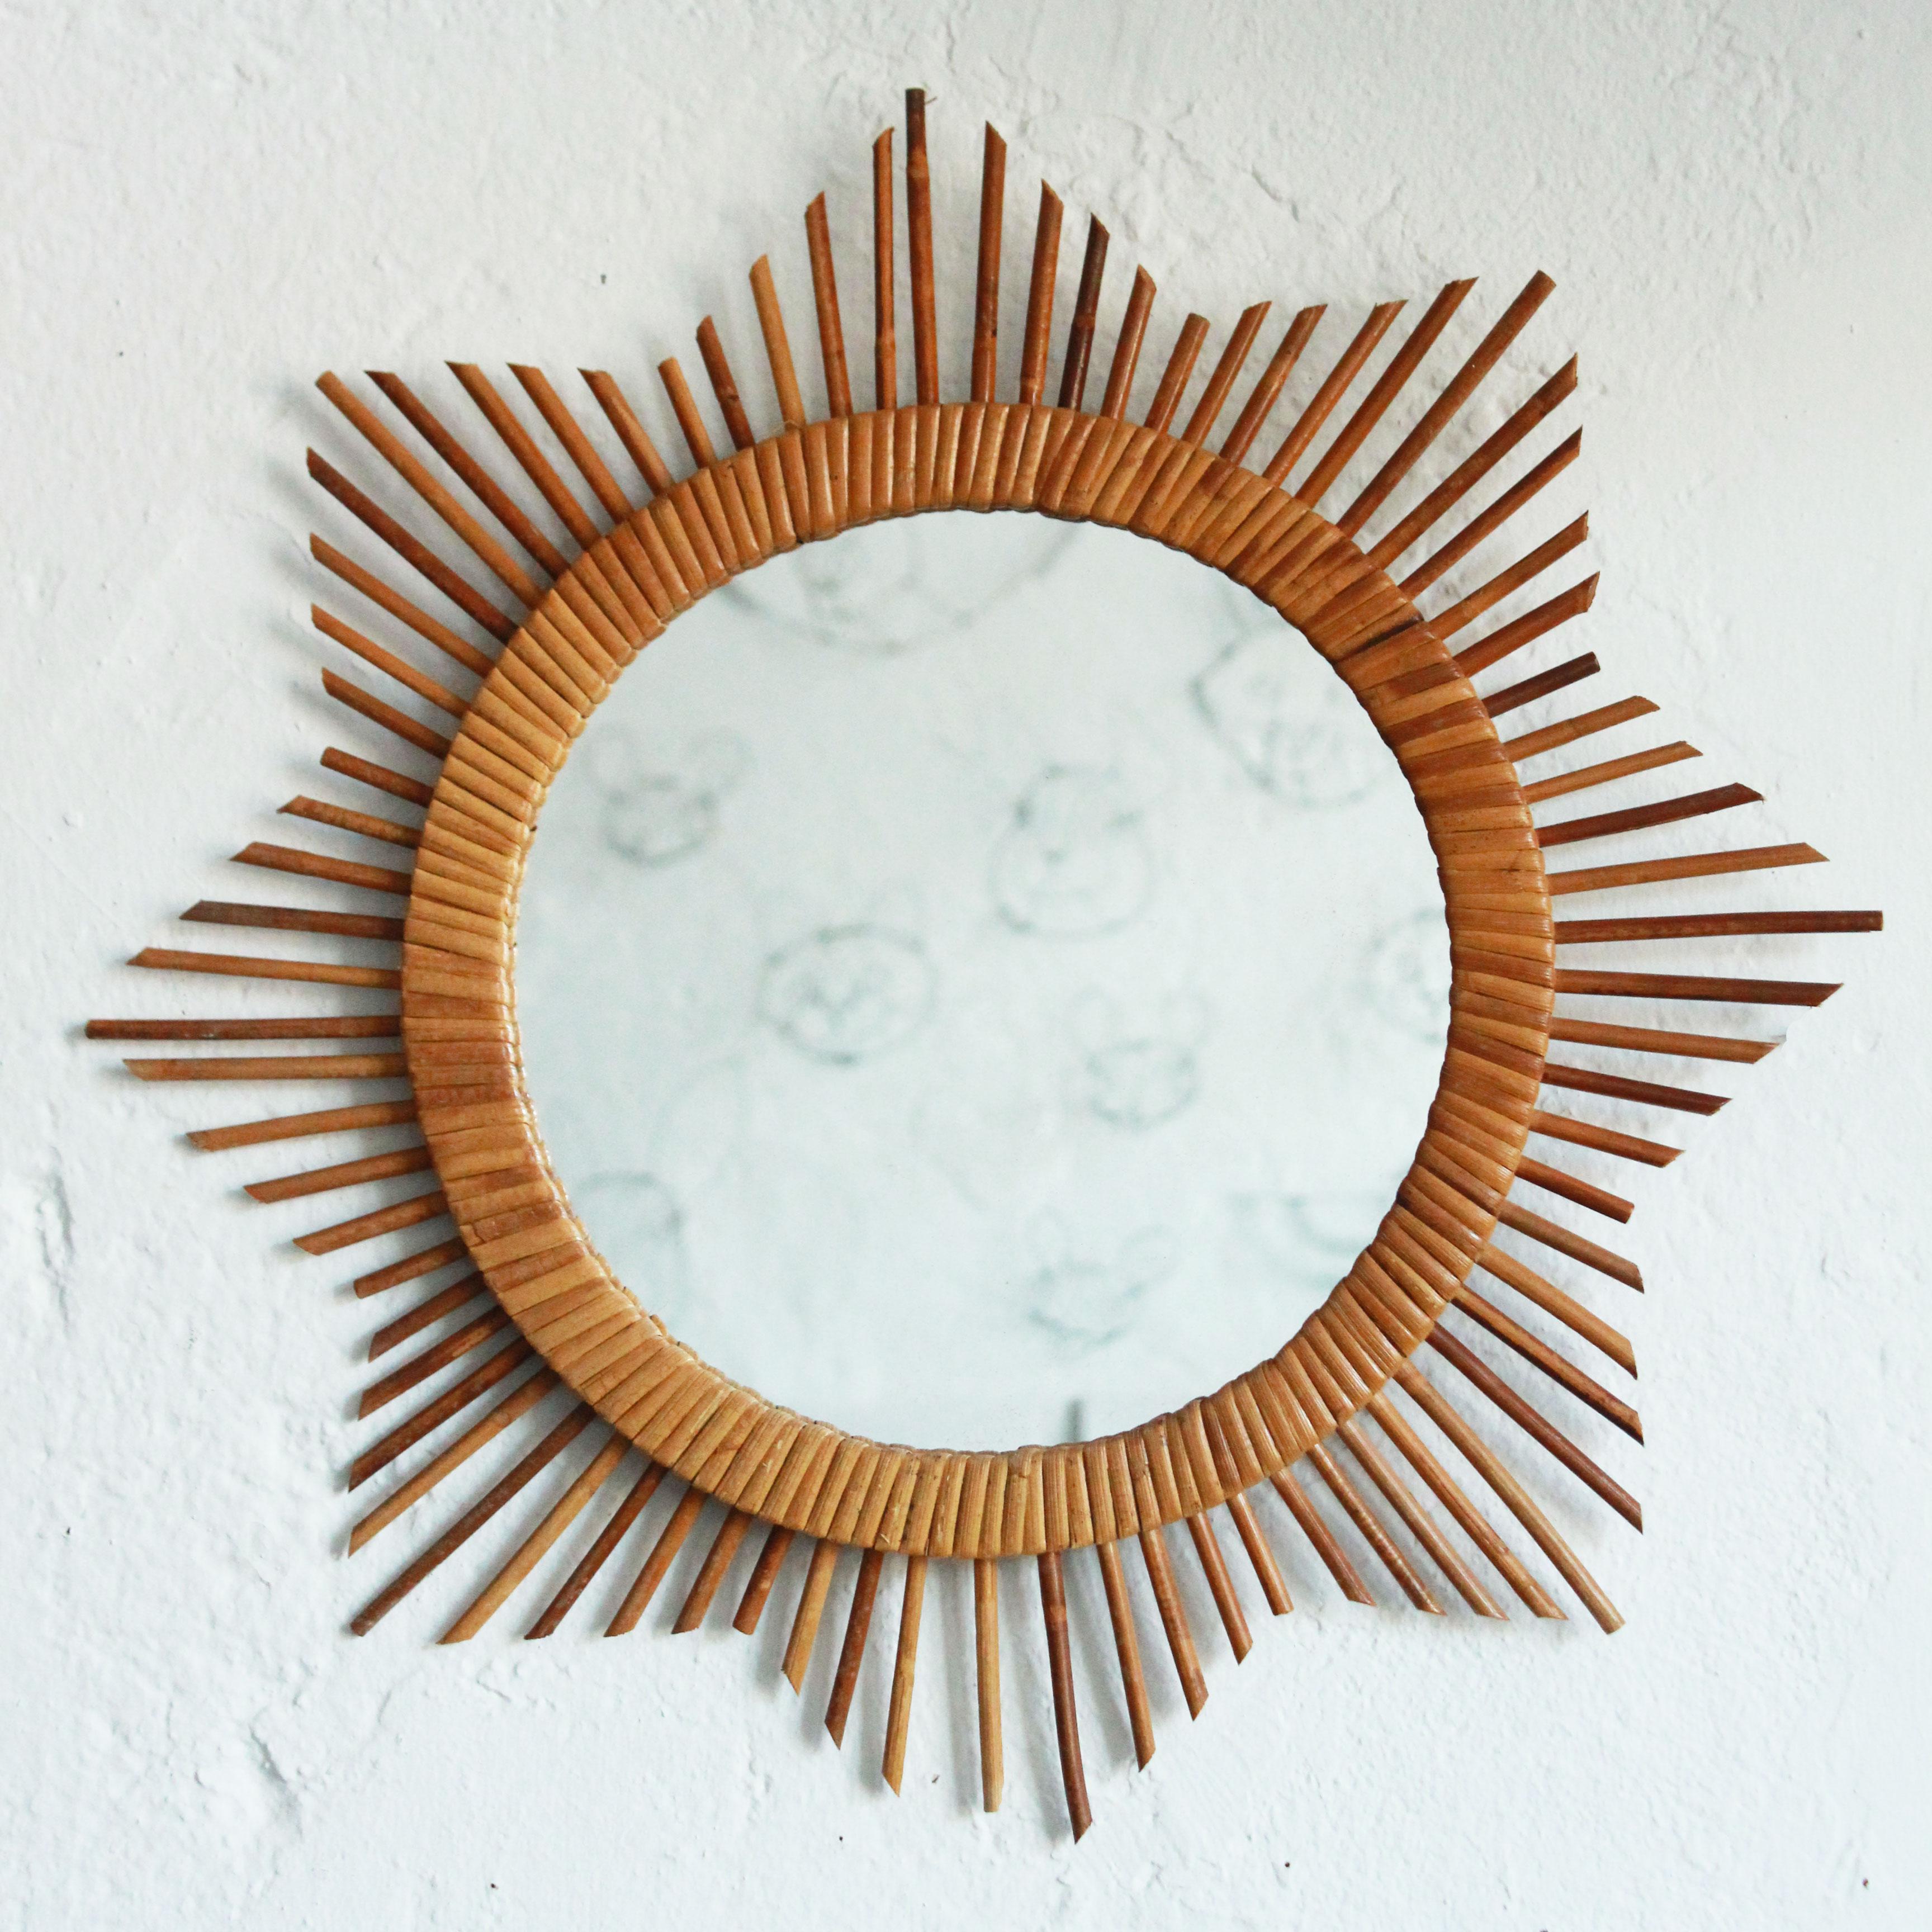 miroir rotin vintage forme etoile ou soleil atelier du petit parc. Black Bedroom Furniture Sets. Home Design Ideas